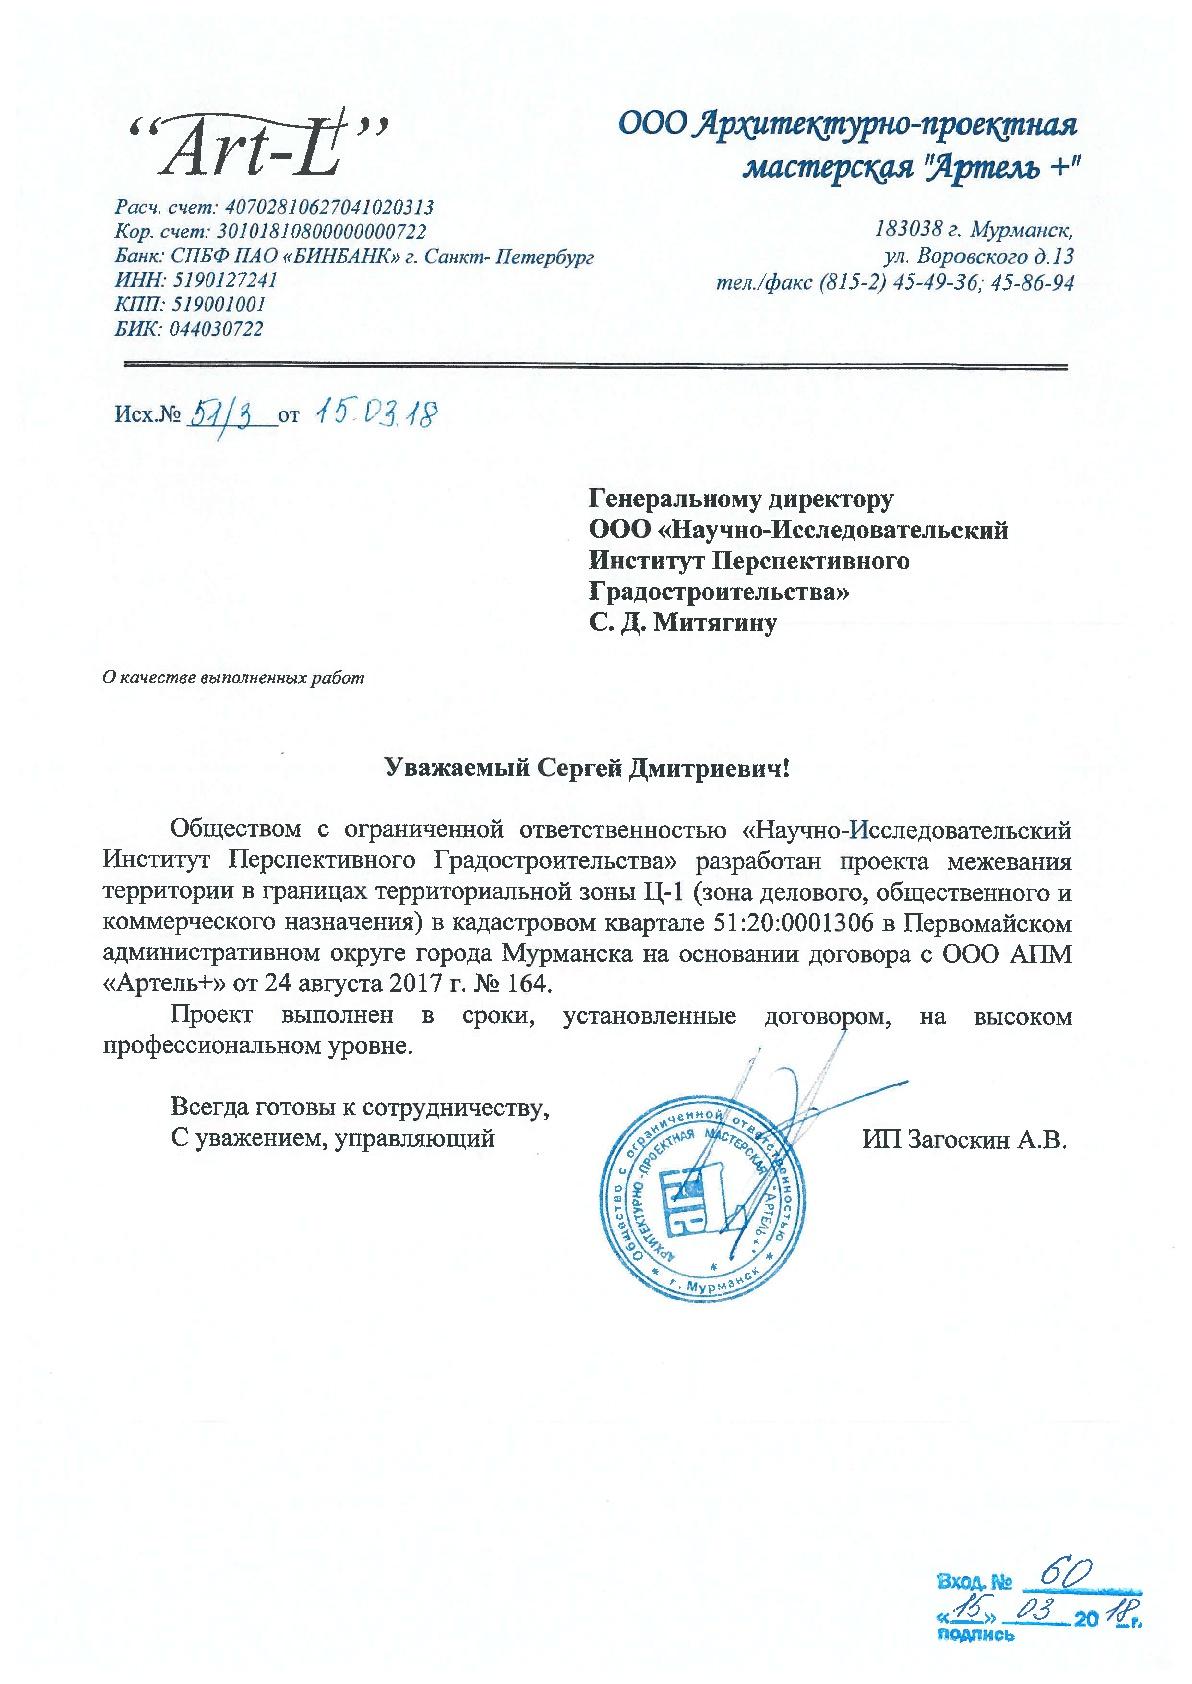 60 от 15.03.18_Мурманск-001